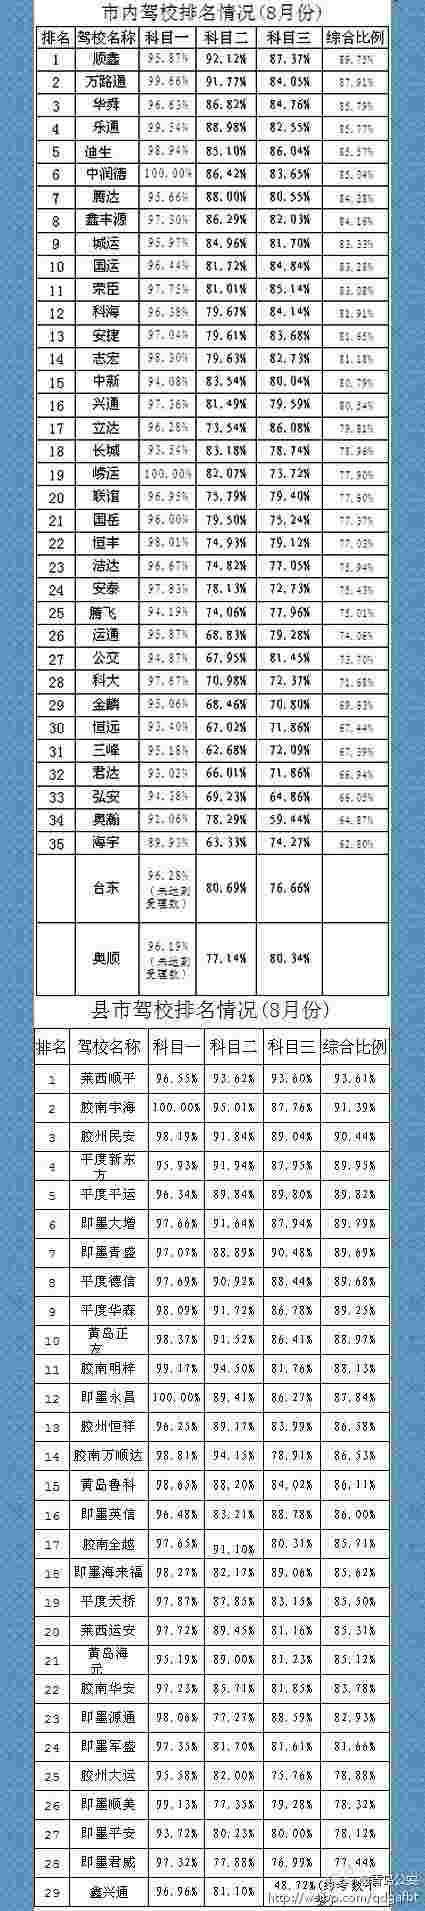 青岛市8月份驾校排名出炉